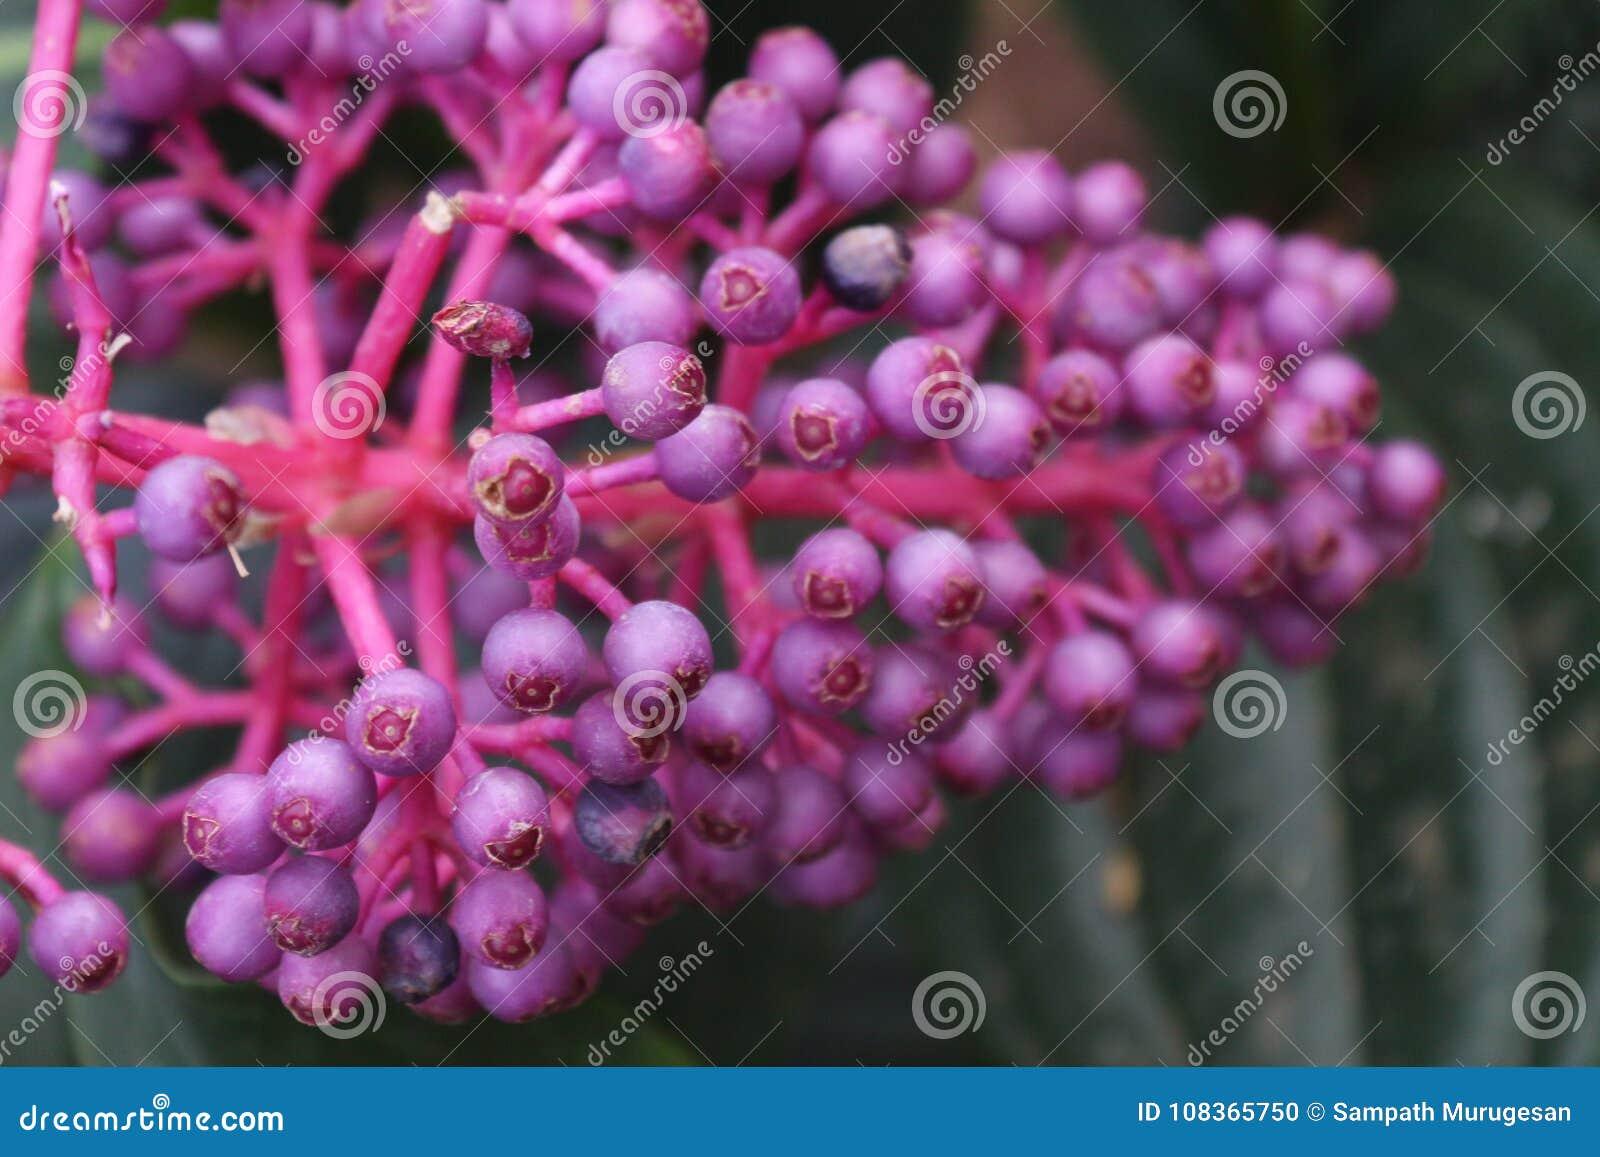 O grupo da cor roxa brota no jardim